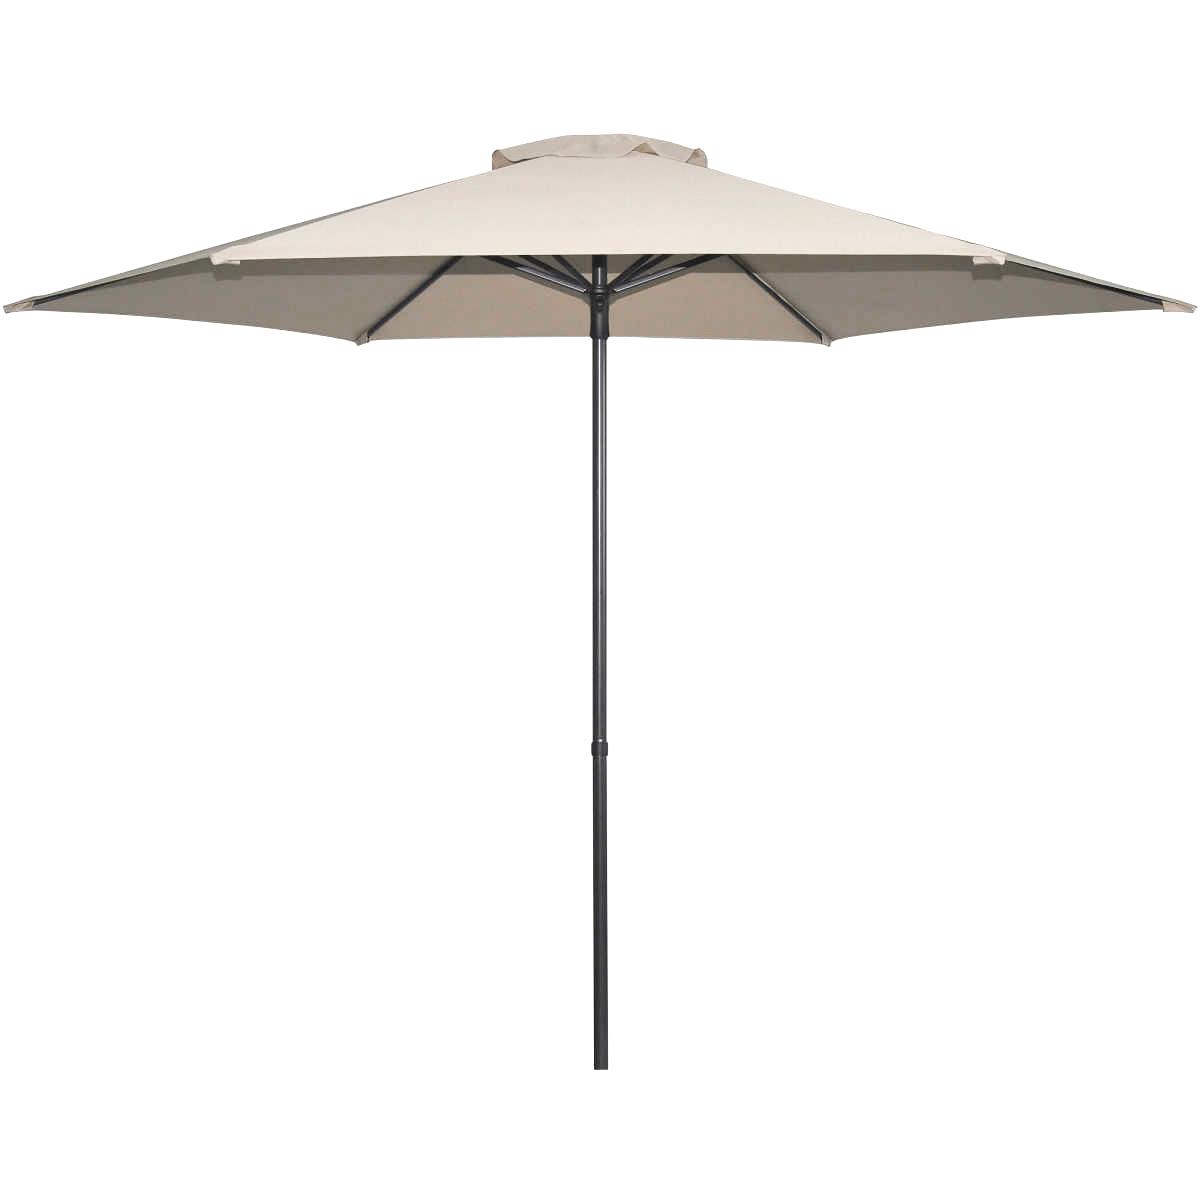 Market Umbrella In Fashionable Market Umbrellas (Gallery 4 of 20)